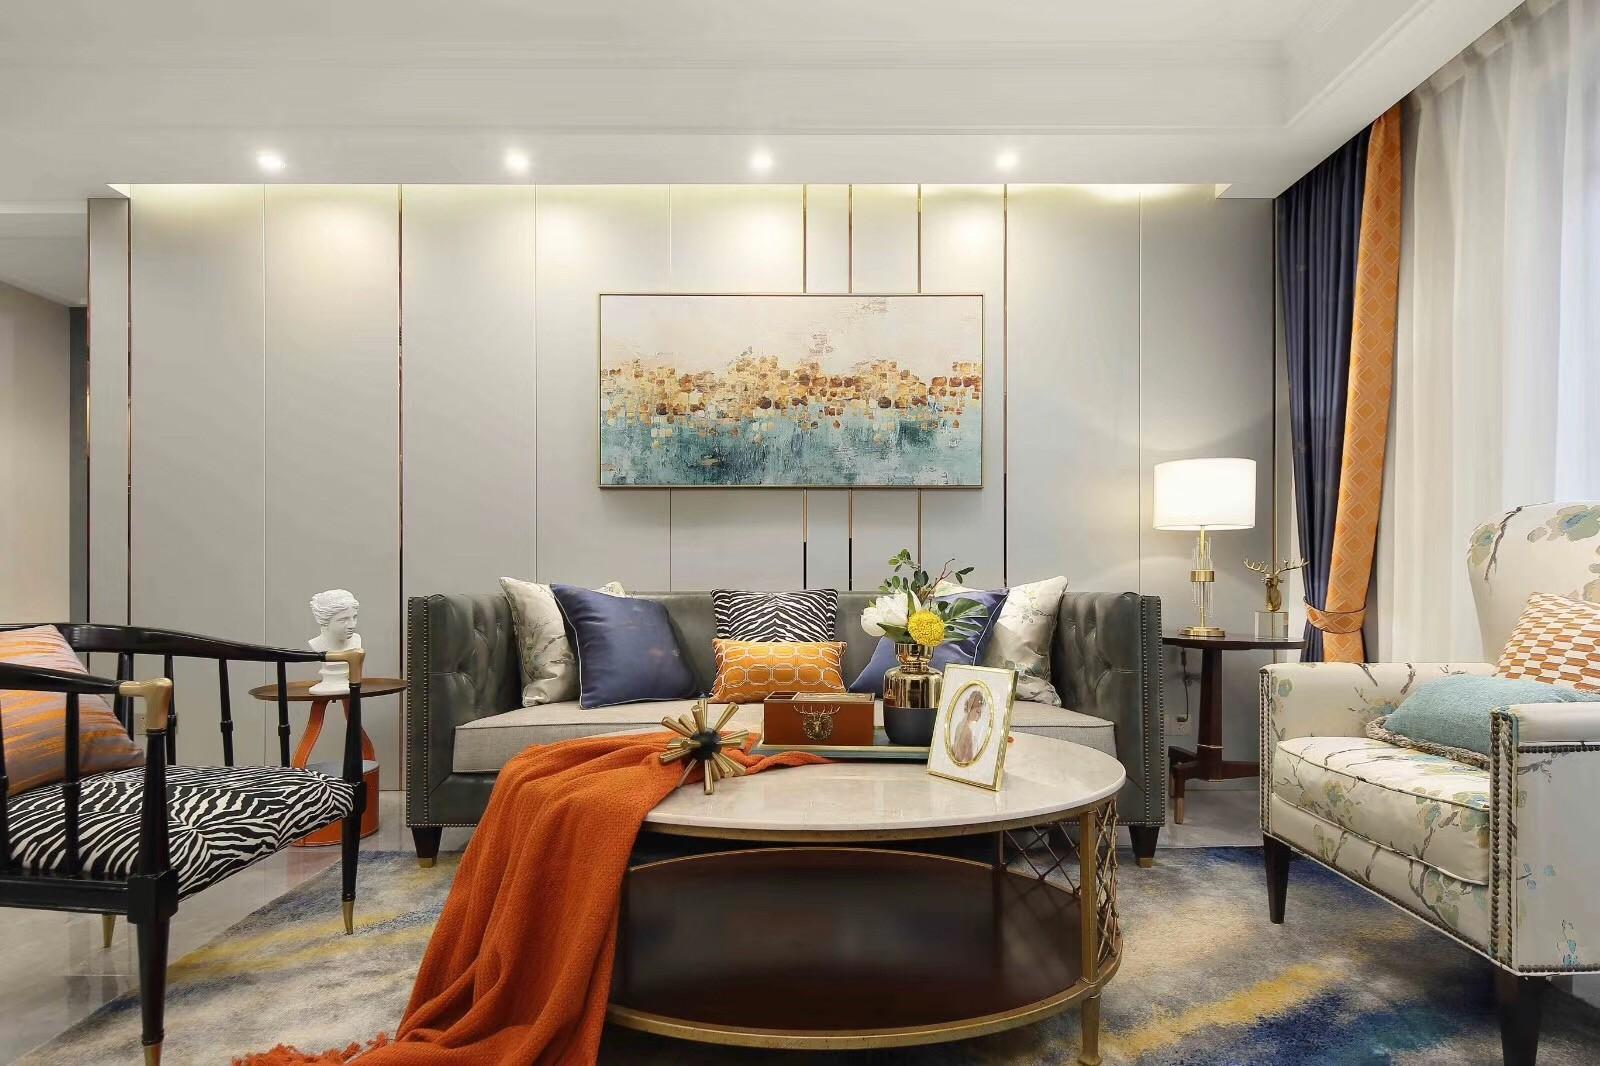 2021简单客厅装修设计 2021简单沙发装修设计